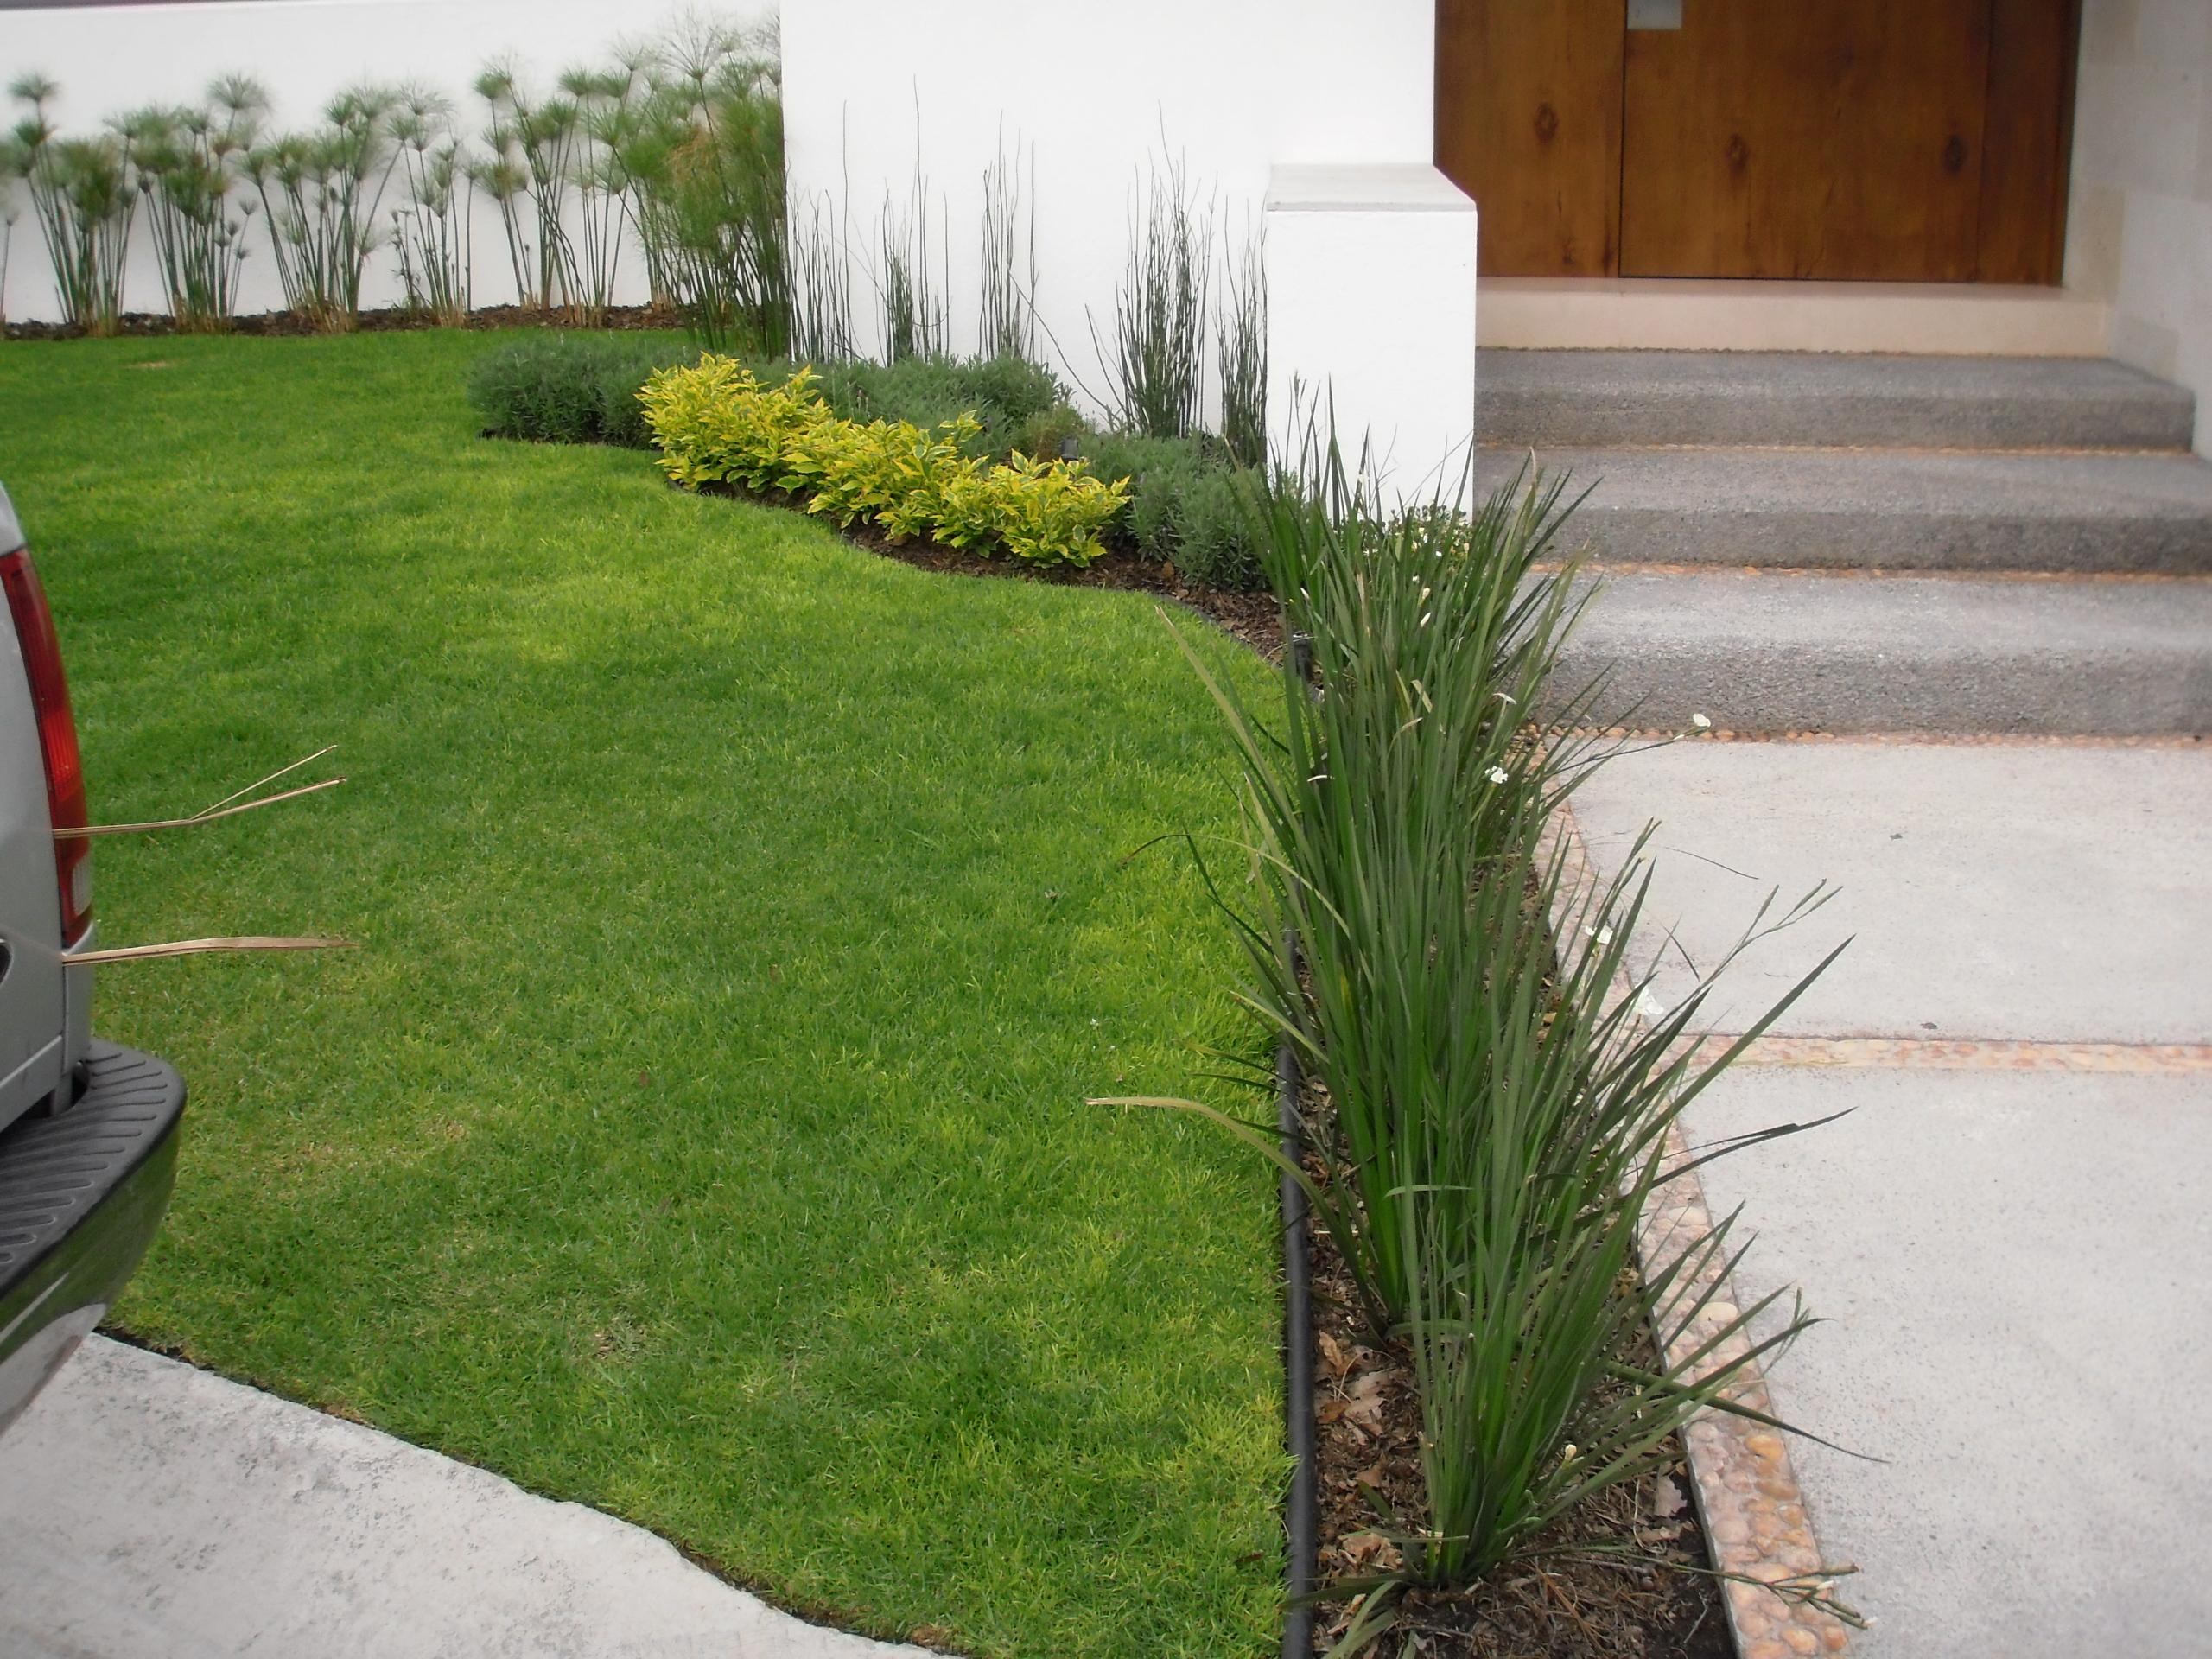 Casa residencial ideas construcci n casa for Casa y jardin tienda decoracion